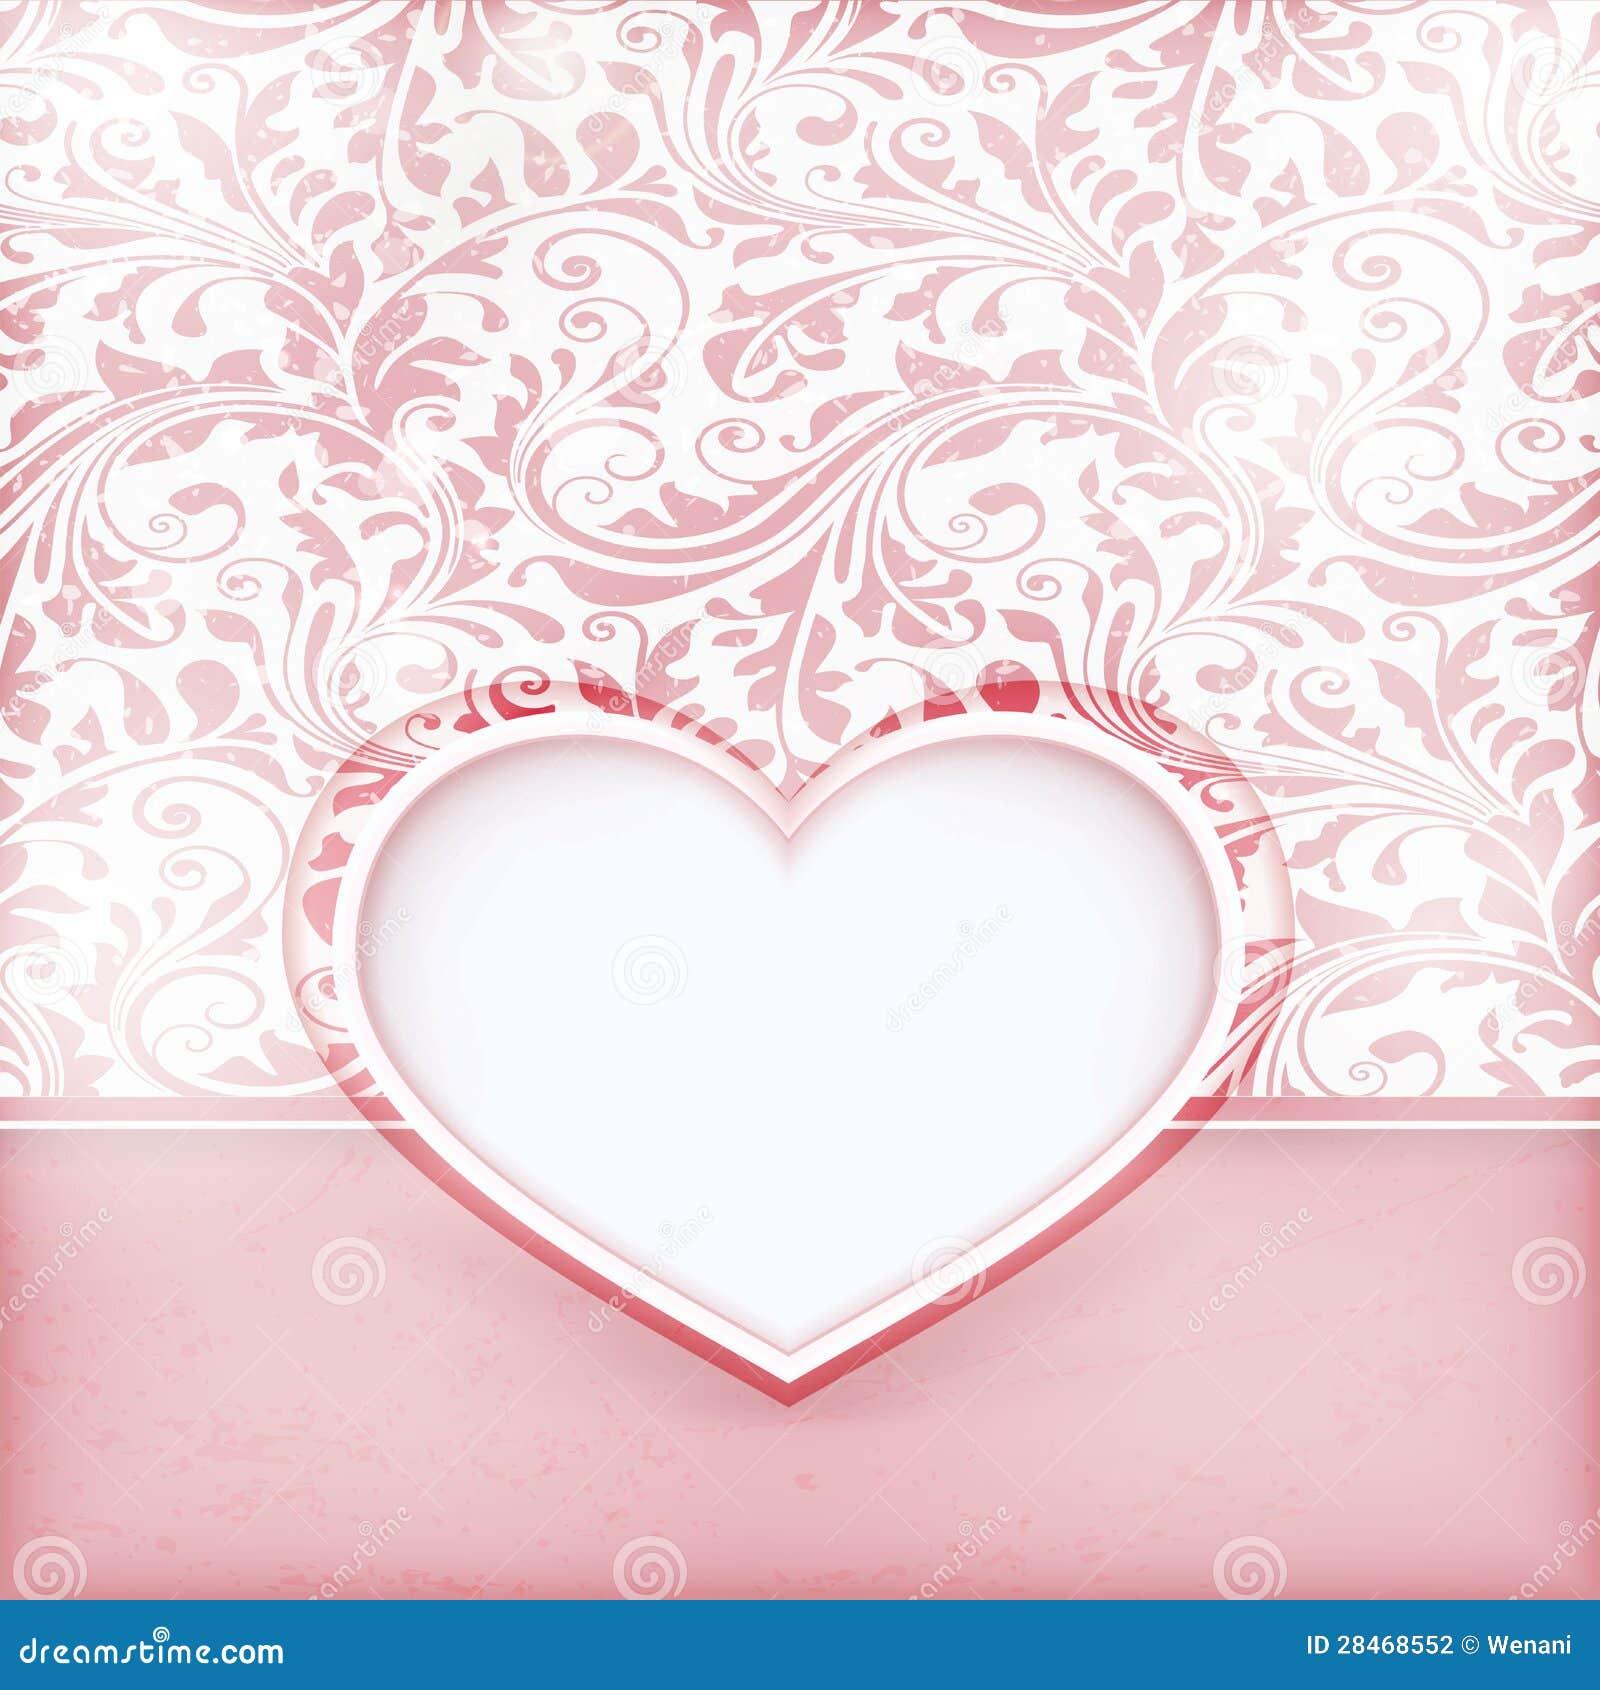 Carte florale sale dinvitation avec ltiquette de coeur damour download carte florale sale dinvitation avec ltiquette de coeur damour stopboris Image collections